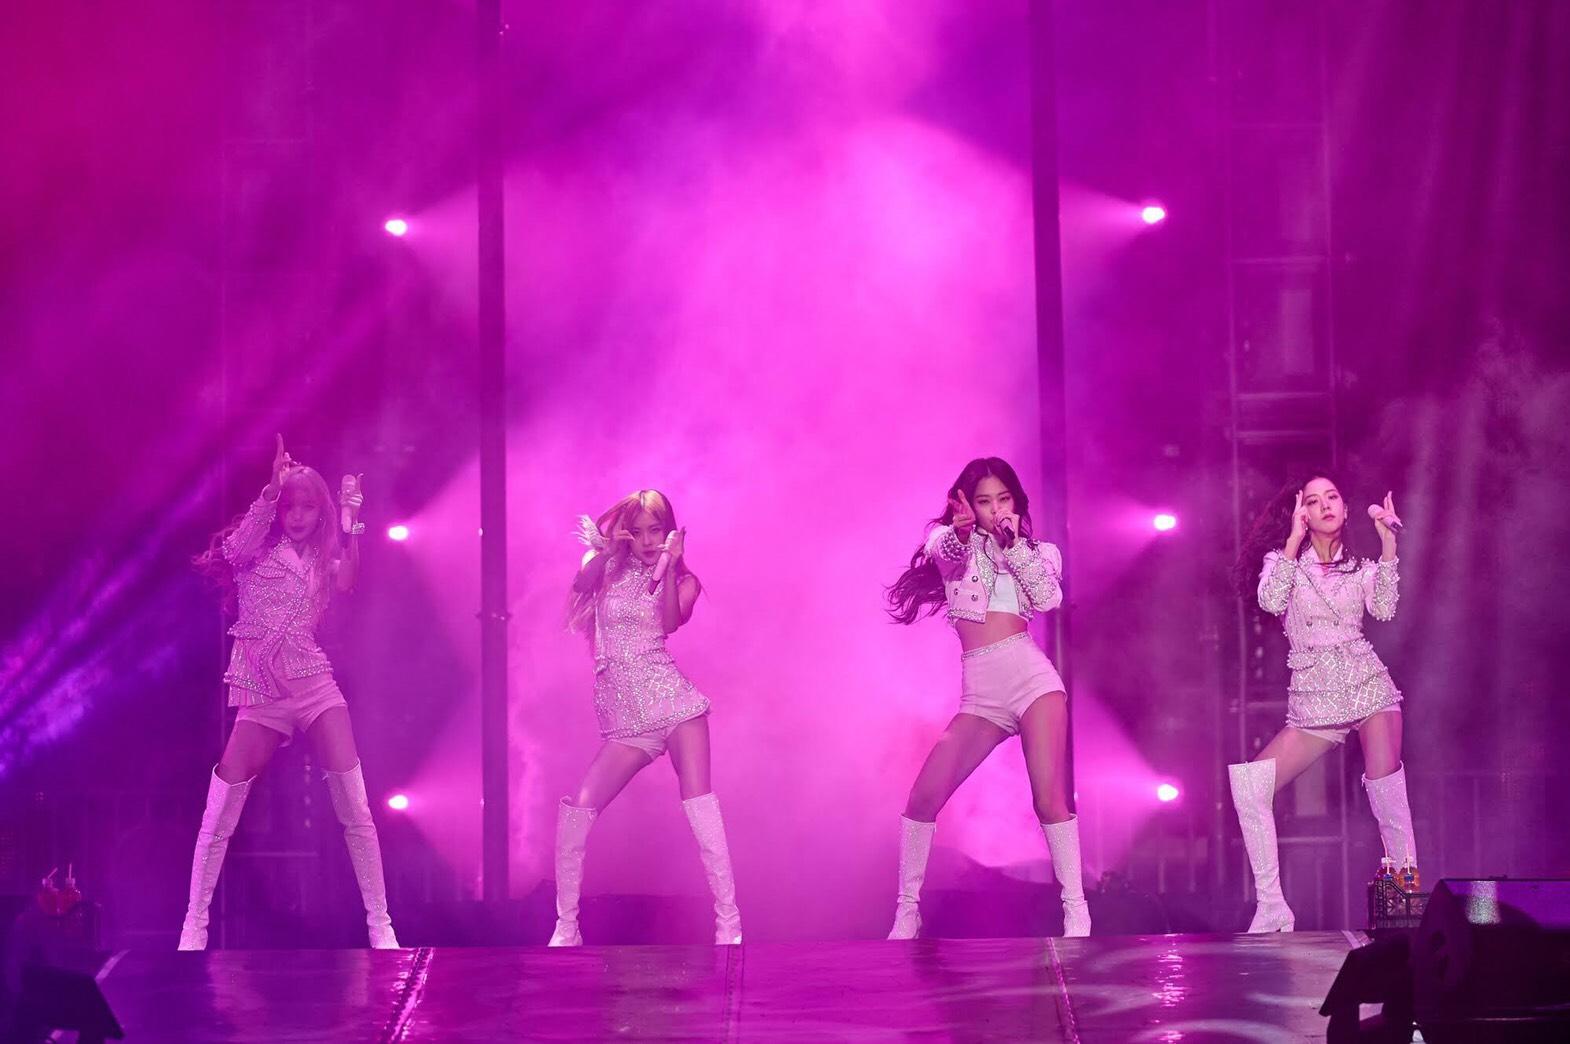 블랙핑크, 美 방송 출연 후 싱가포르 콘서트 개최! '현지 팬 열광'